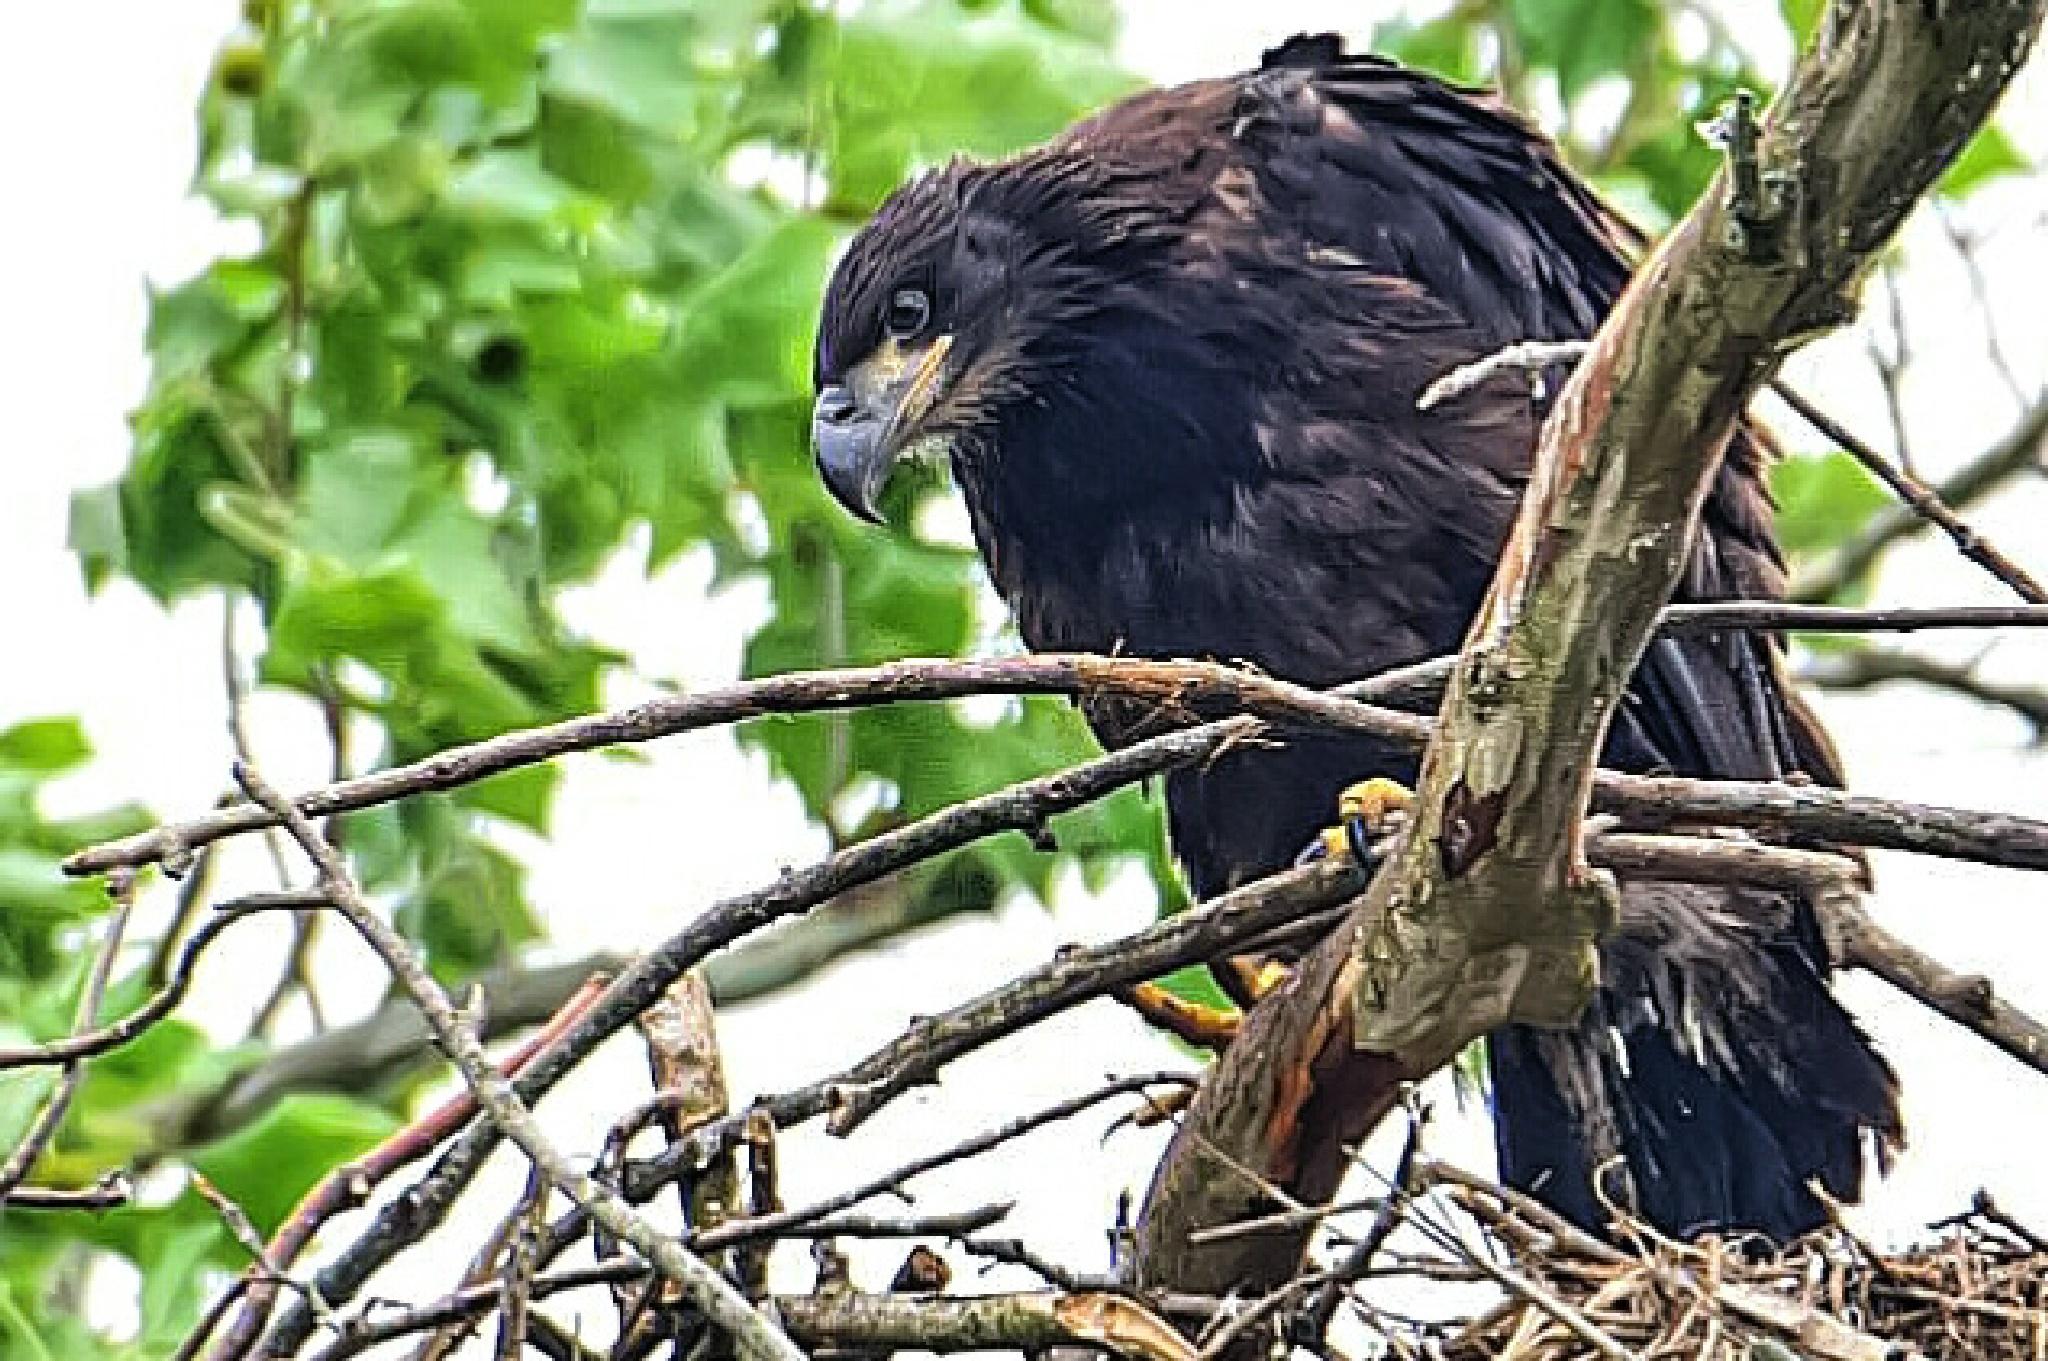 Juvenile Bald Eagle by Tom Kitchen